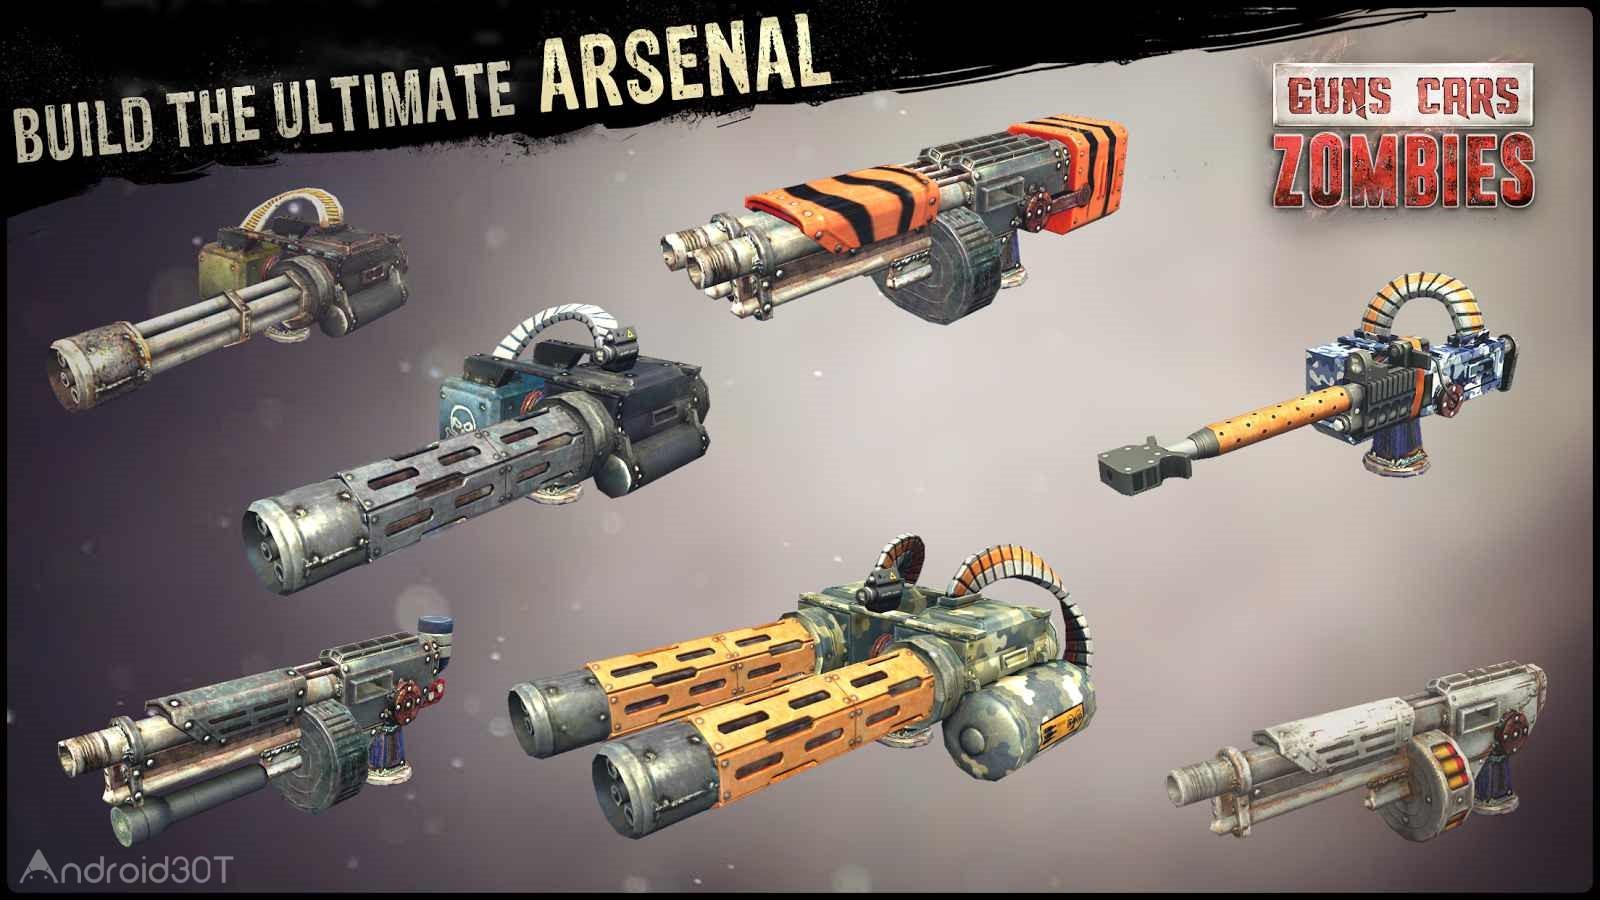 دانلود Guns, Cars, Zombies 3.2.6 – بازی نابود کردن زامبی ها با ماشین جنگی اندروید